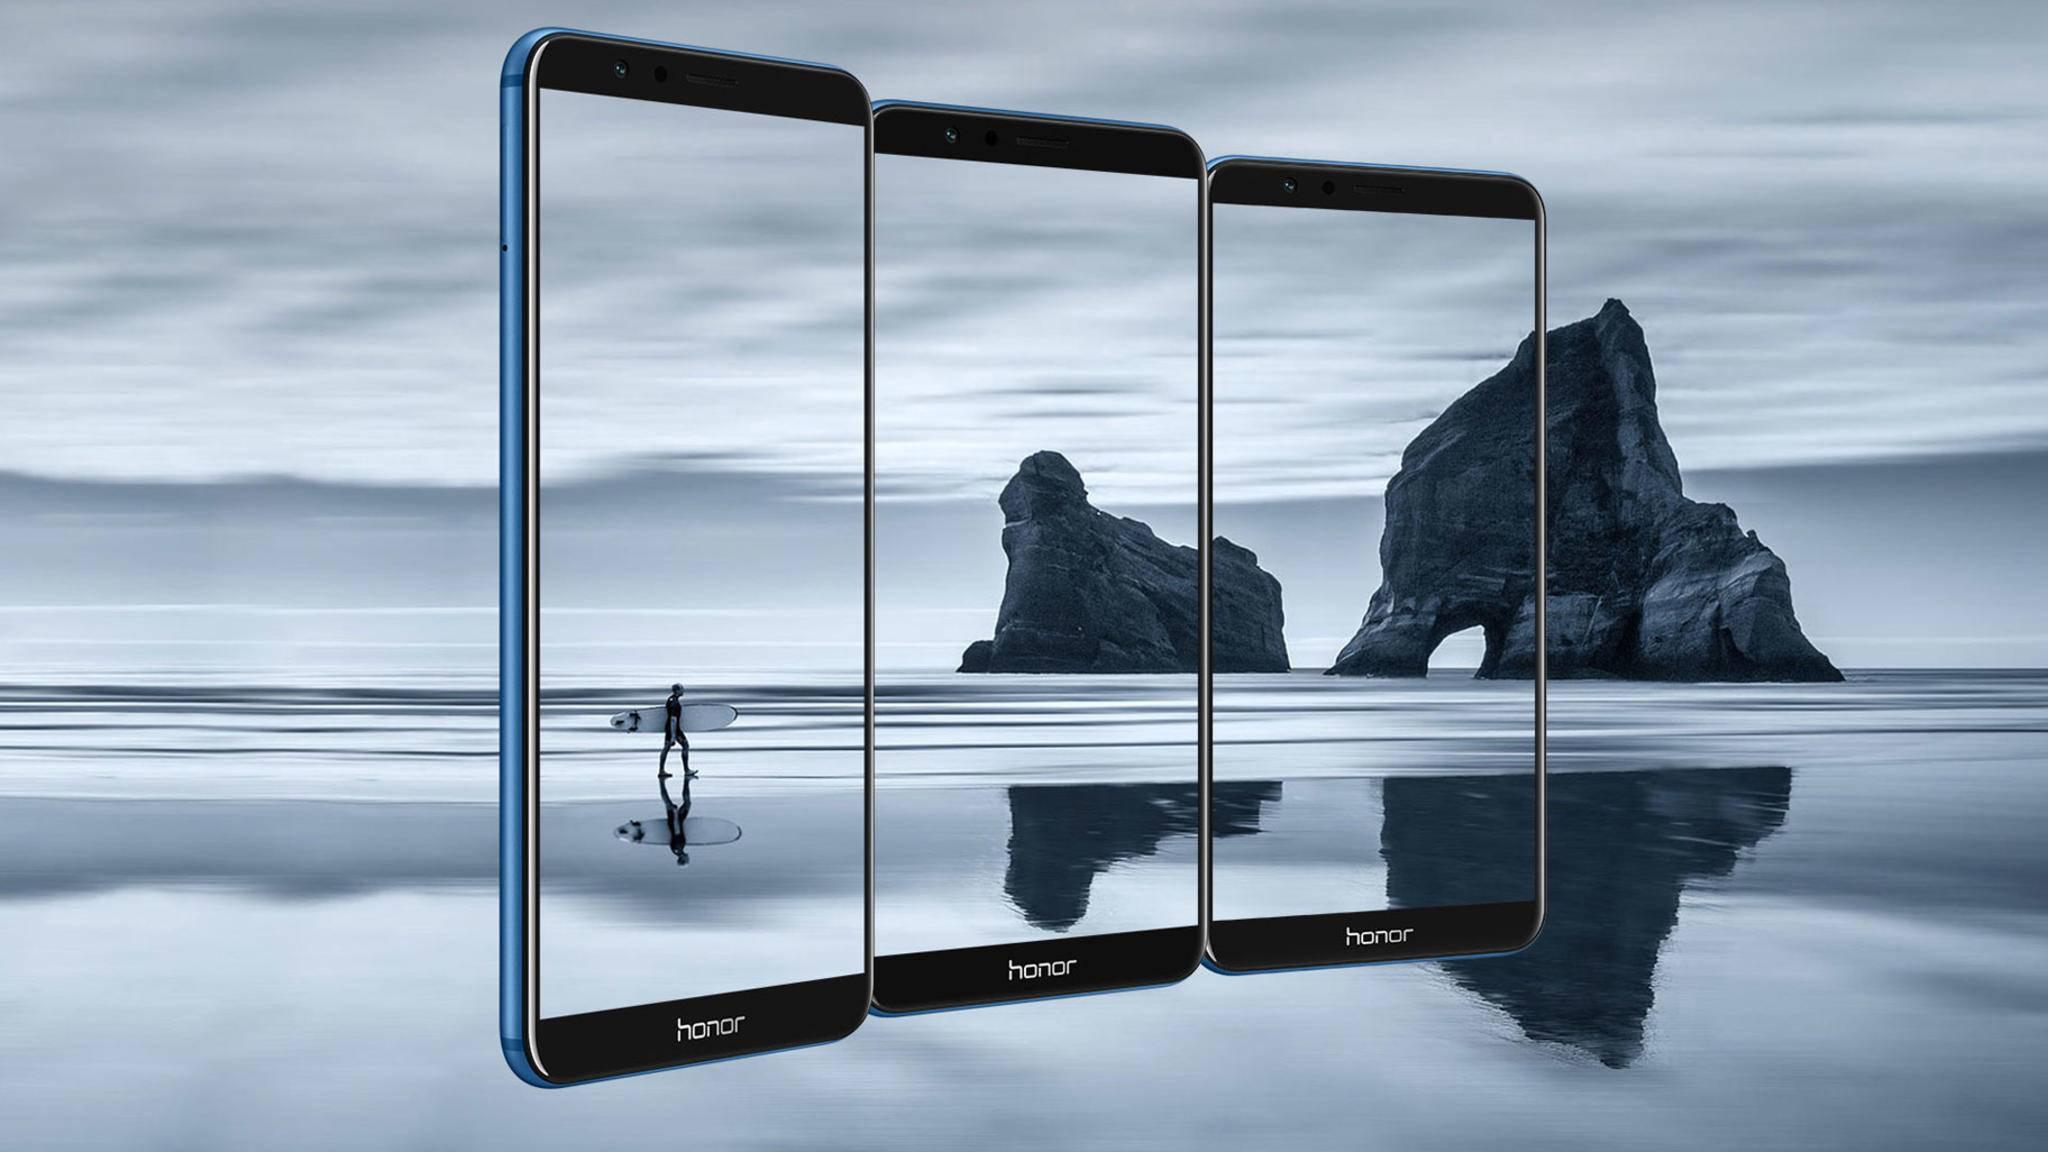 Das Honor 7X besitzt ein 5,93 Zoll großes Display im 18:9-Format.